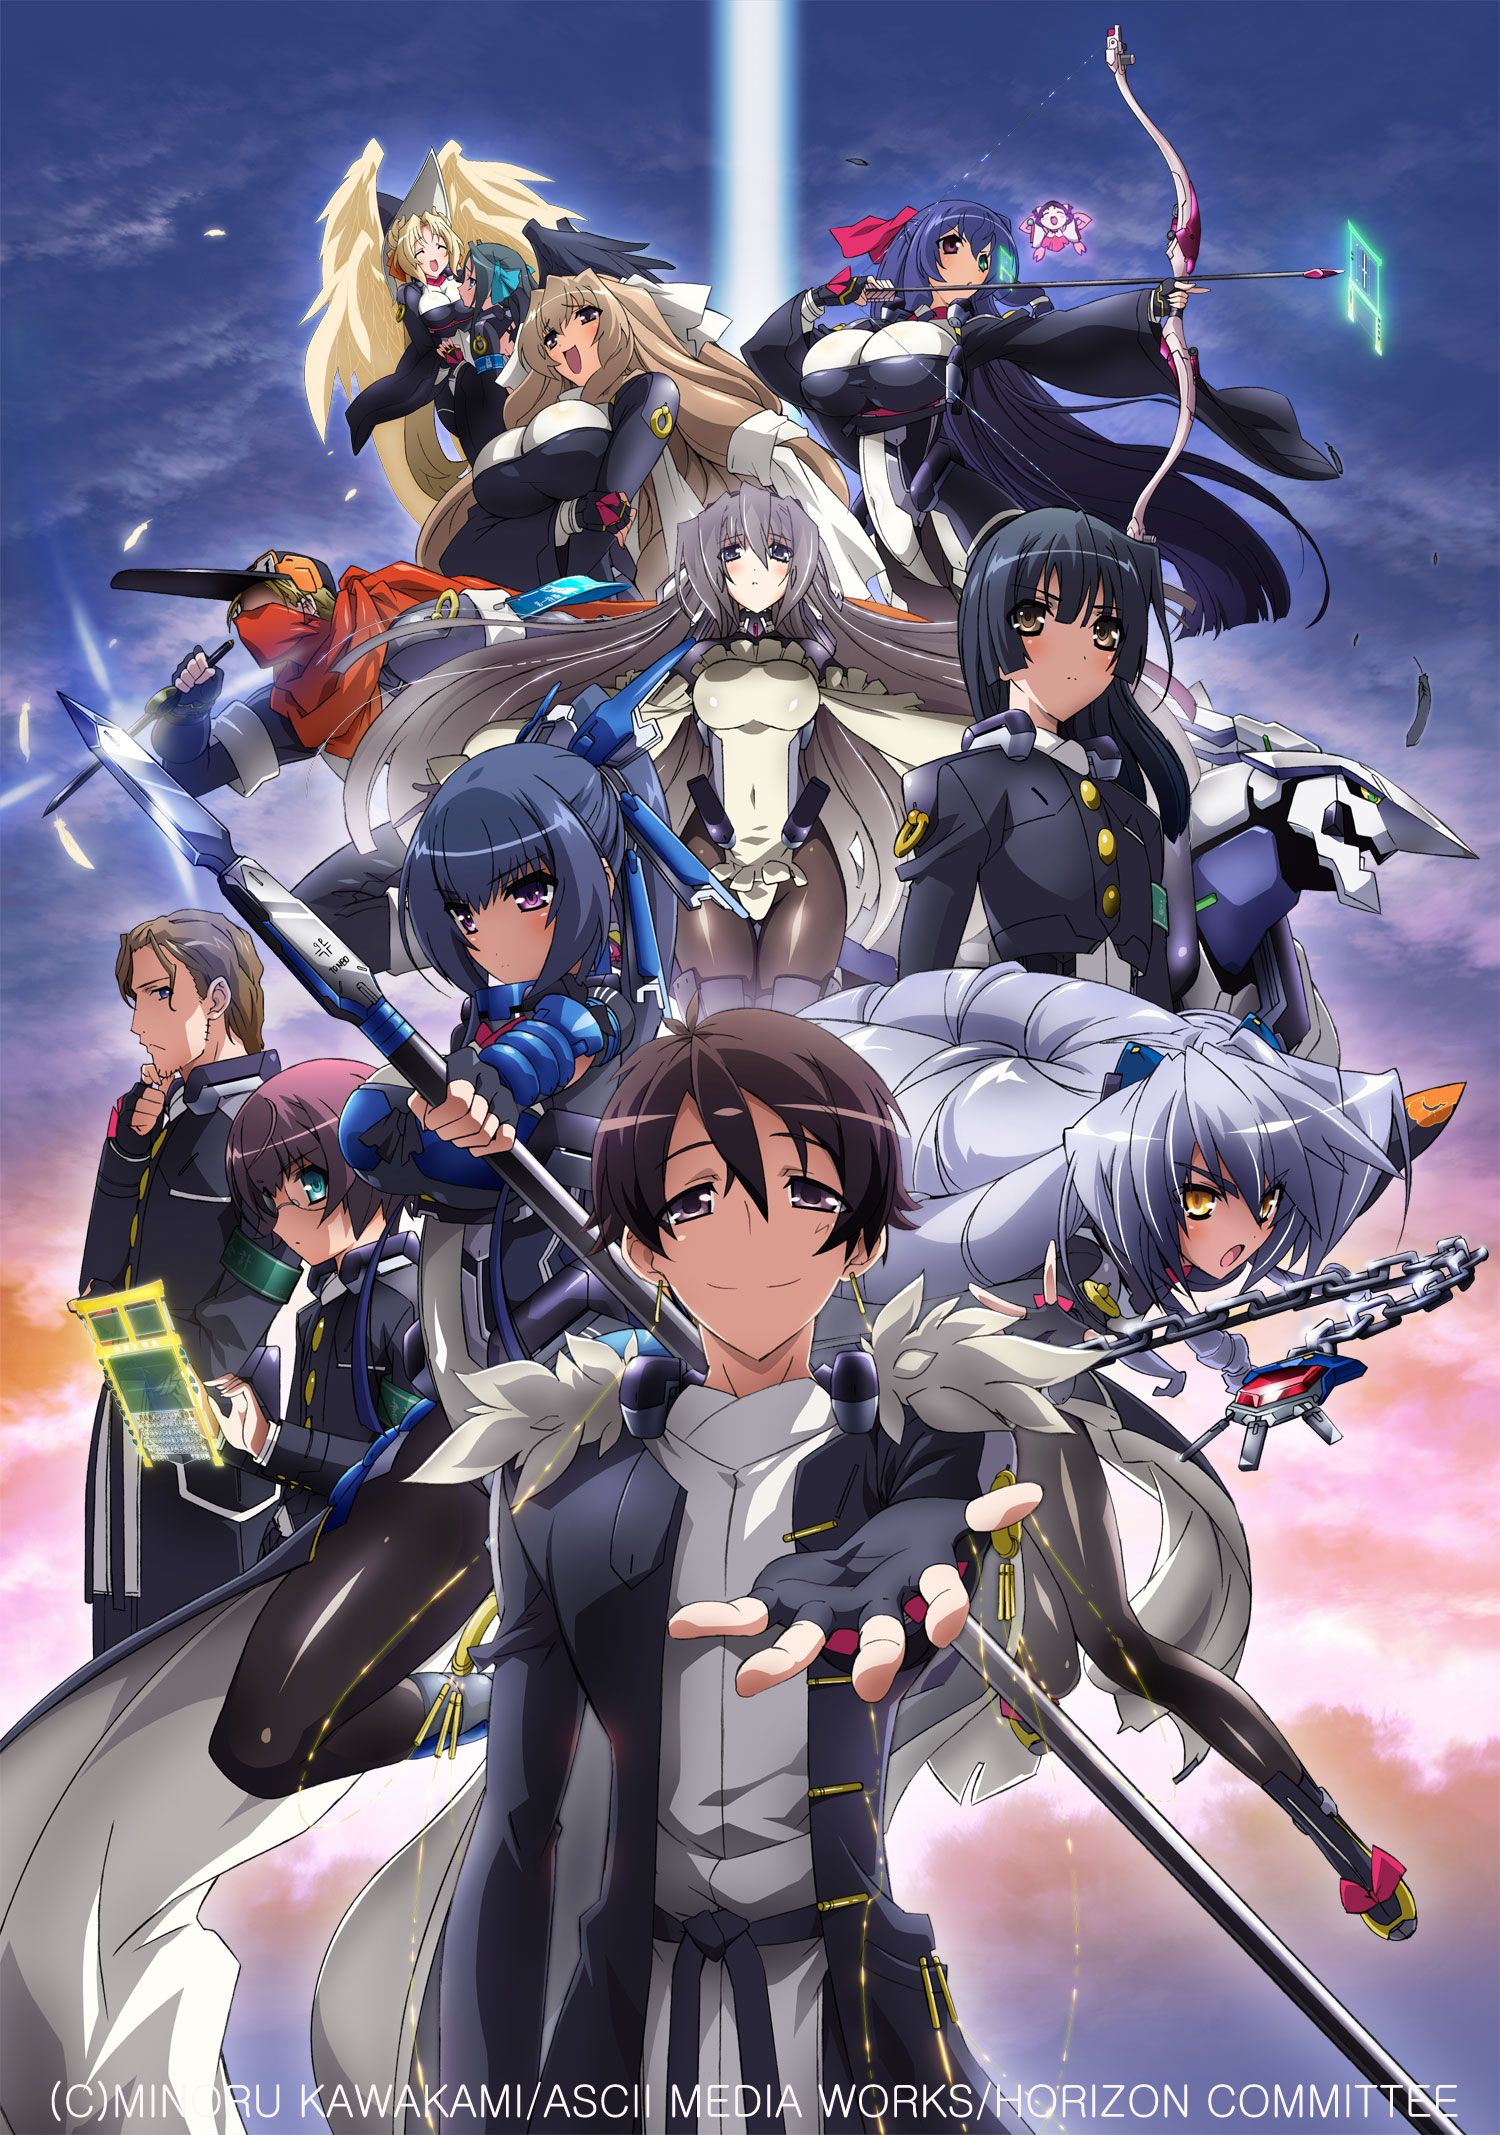 Kyoukaisenjou No Horizon Genres Action Fantasy Anime Popular Anime Free Anime